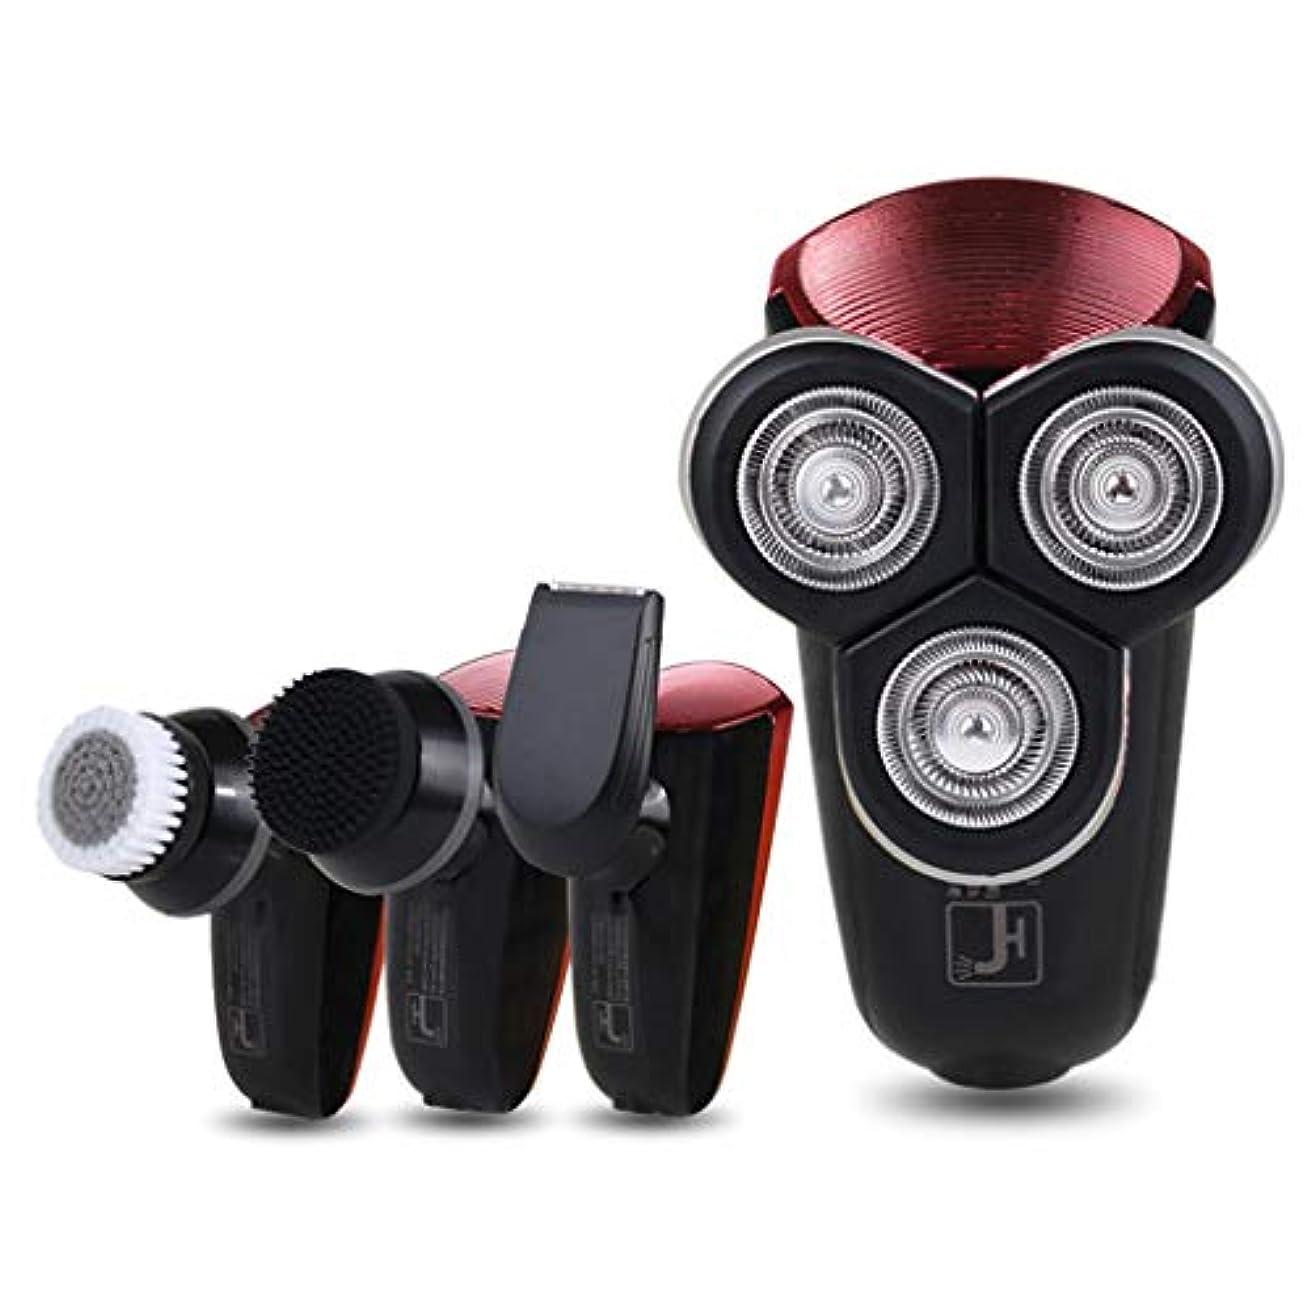 ネクタイ首打倒コードレスカミソリ、多機能メンズコードレスビアードトリマー/ヘアカット/クレンジング/コーナートリム、ギフト